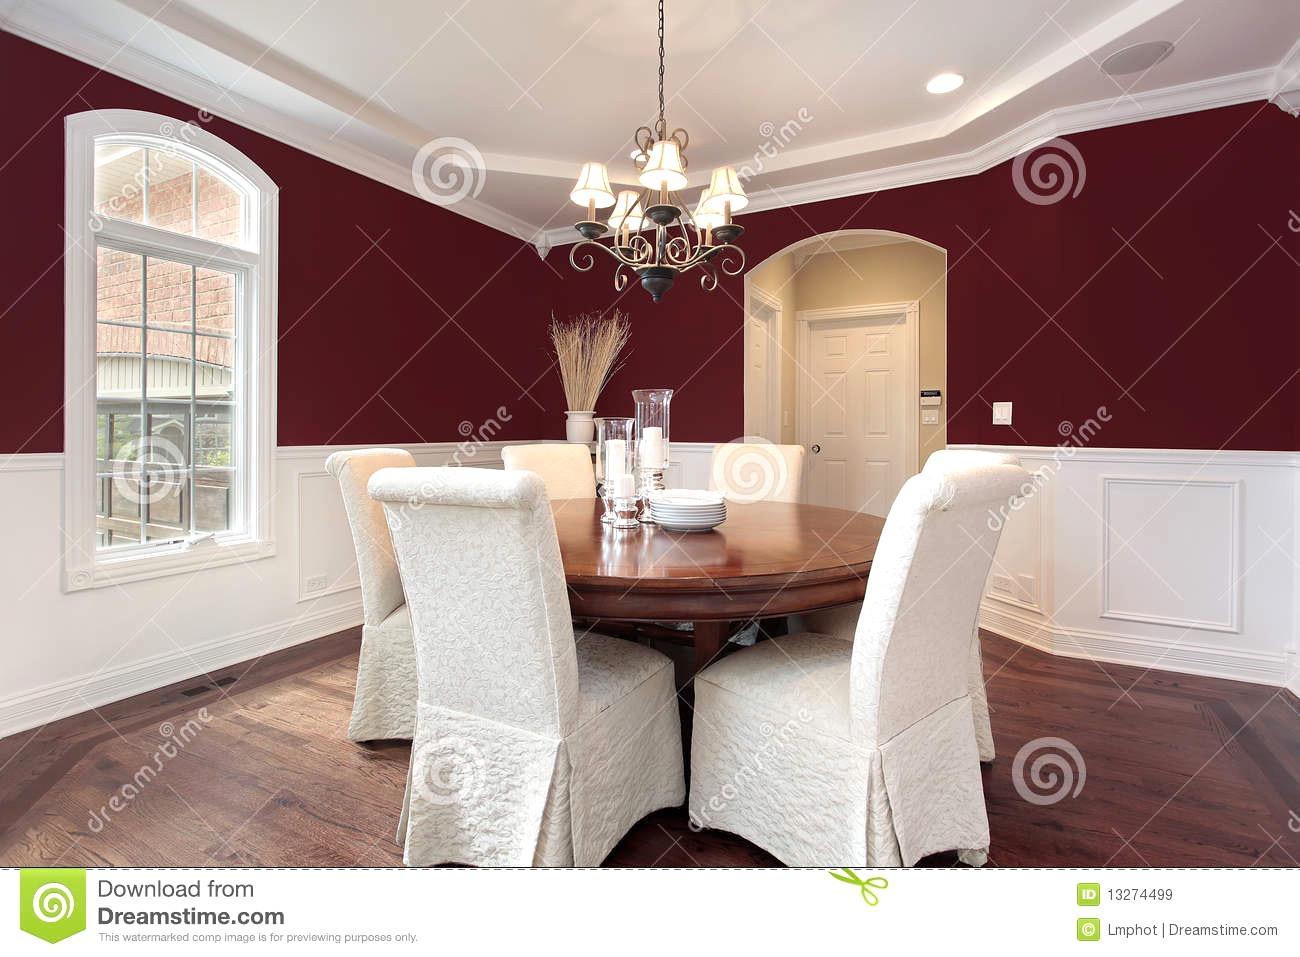 Rote Wand Esszimmer Exquisit On Andere Mit Uncategorized Moderne Dekoration Bank Polster Und 5